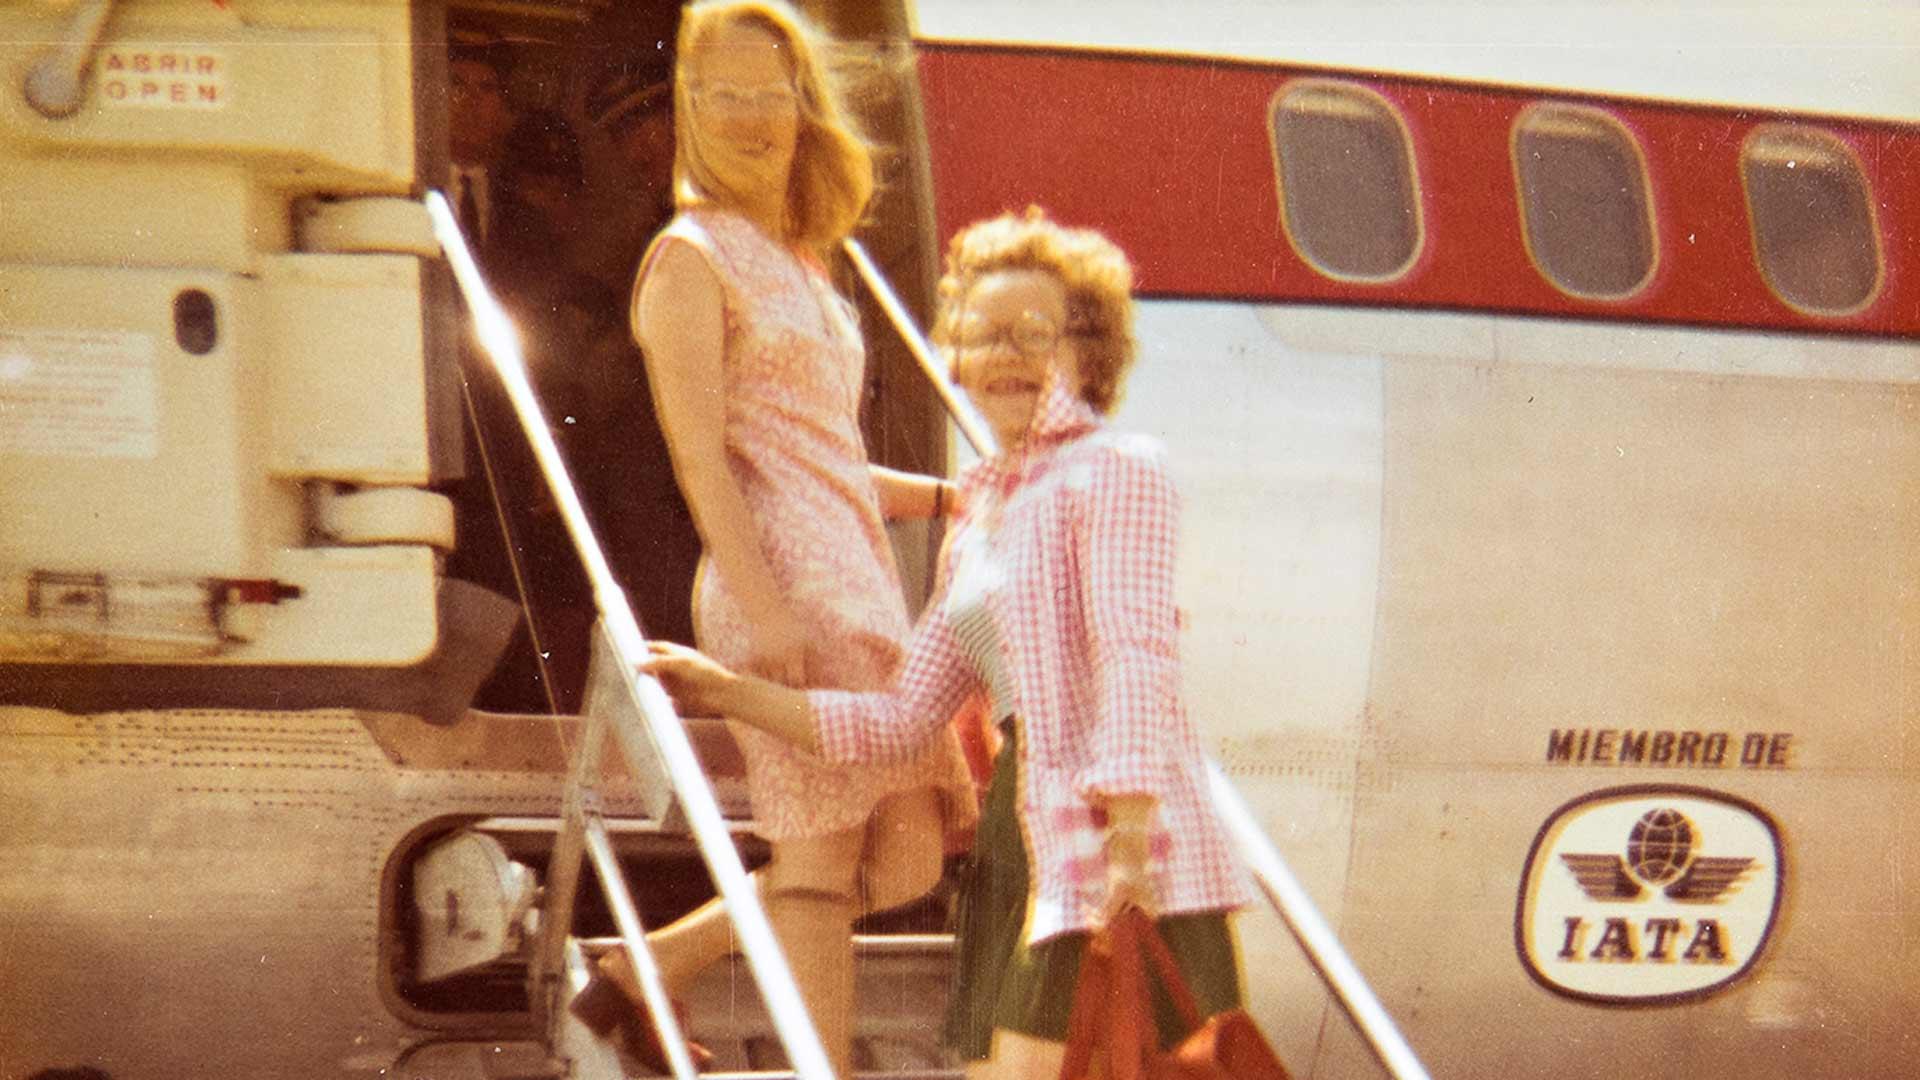 Kesällä 1973 Kaarina Alanen (takana) ja hänen ystävänsä Saara nousivat Alicantessa pienkoneen kyytiin. Määränpää oli Oran. Riikka Hurri